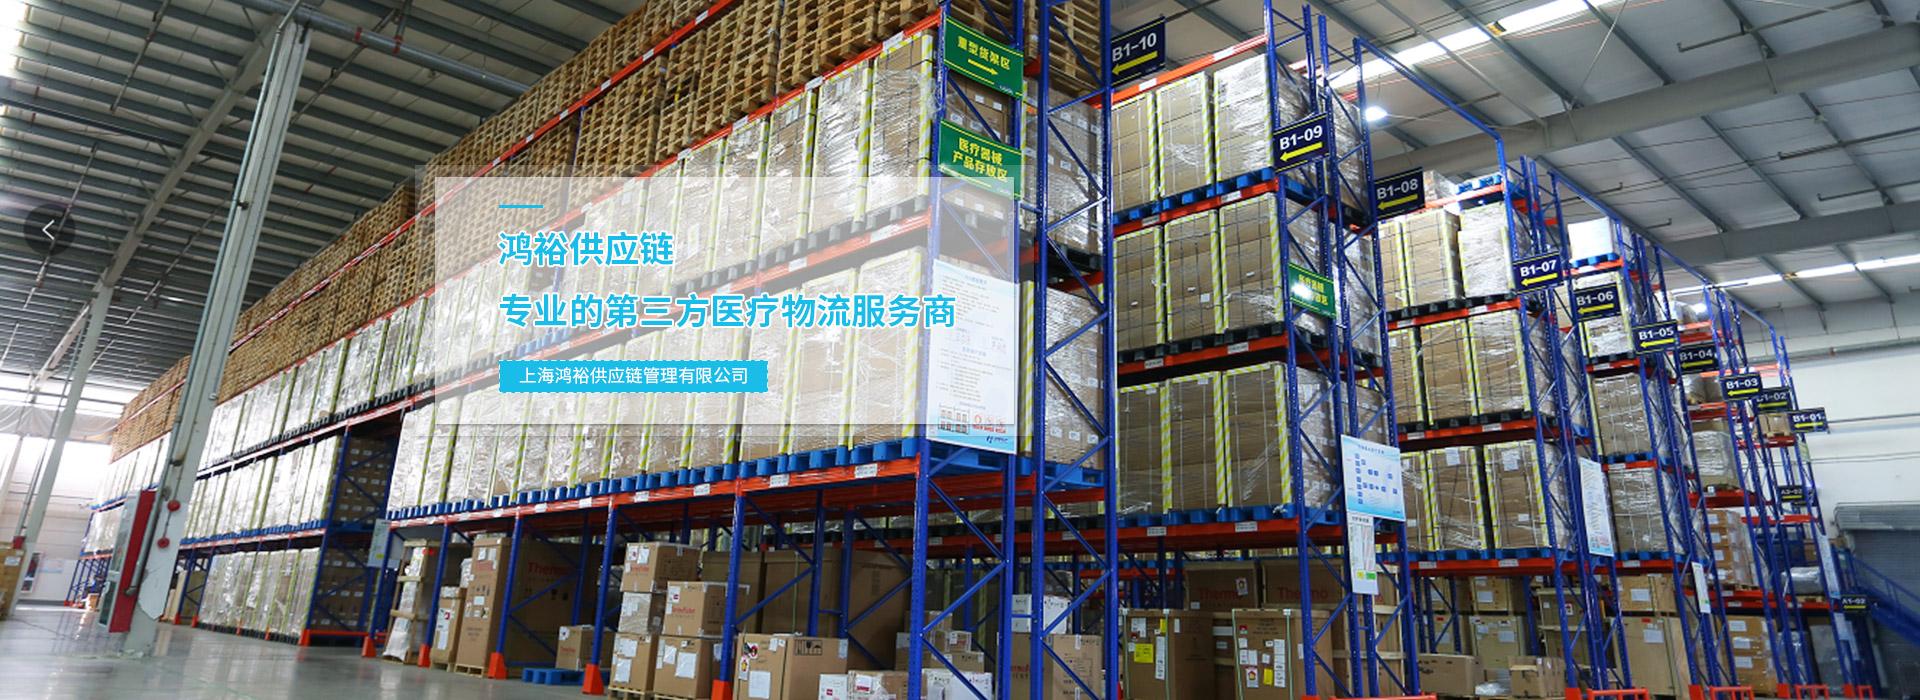 上海鸿裕供应链管理有限公司